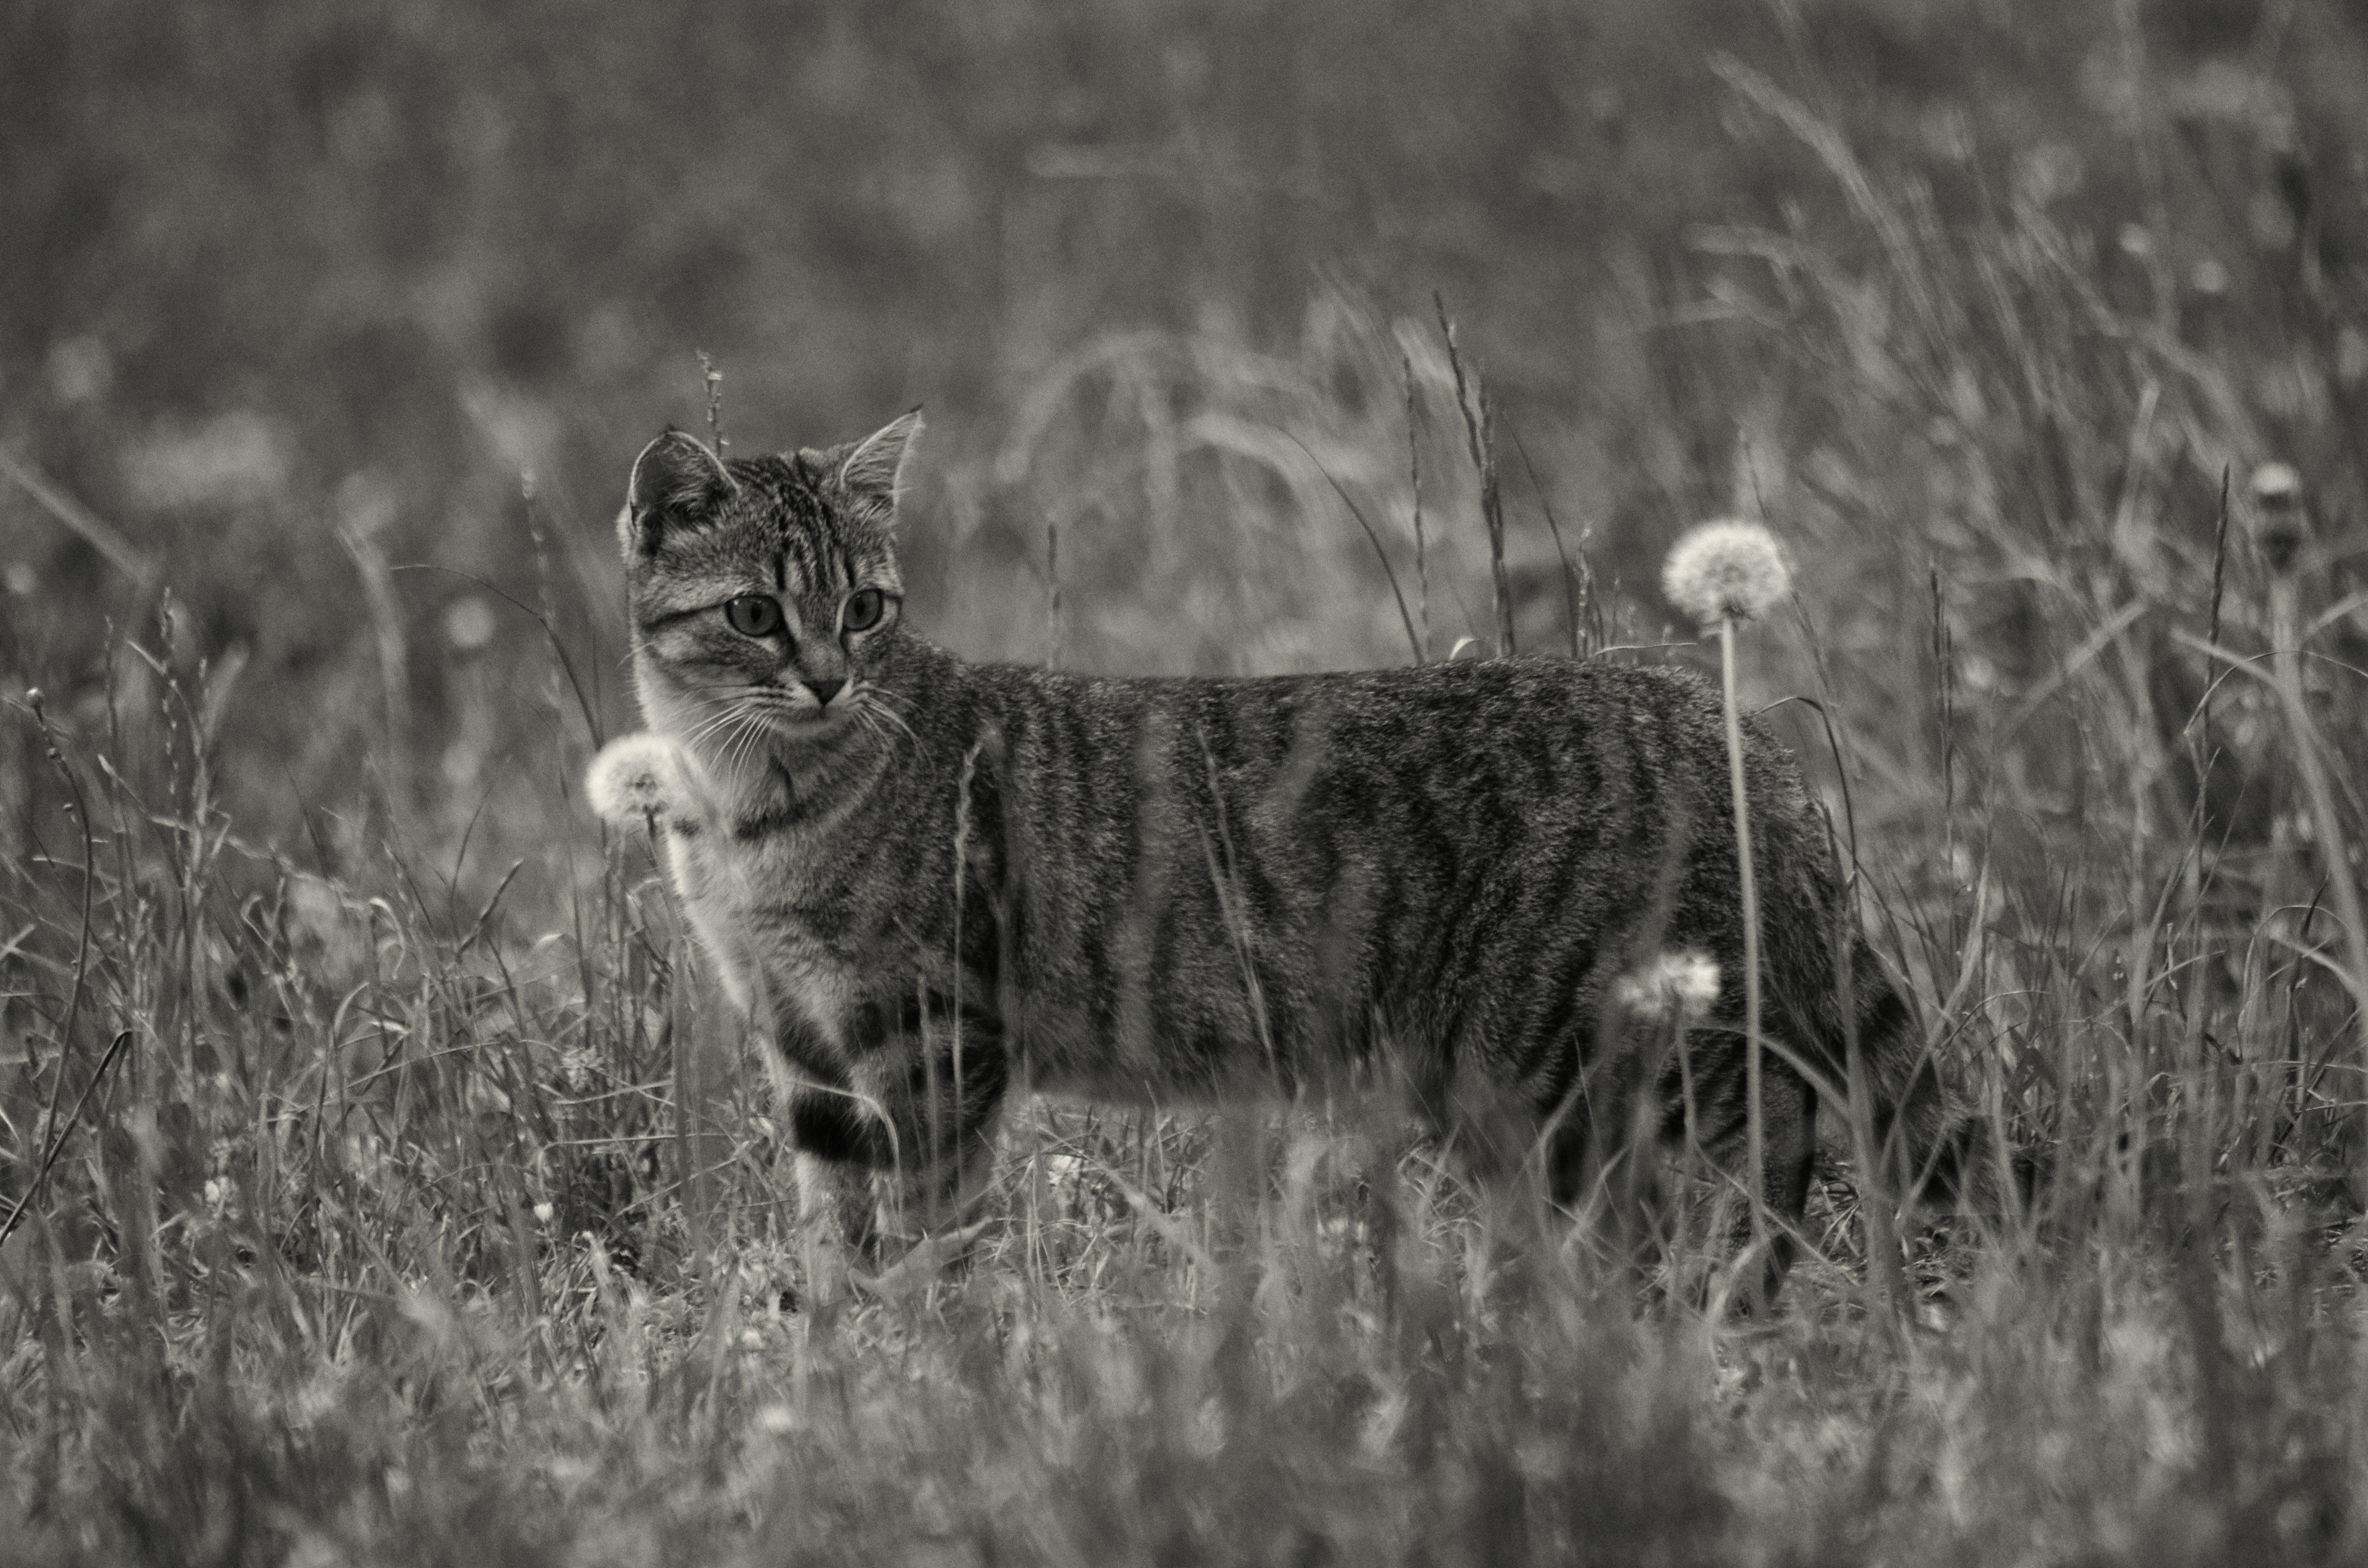 Fabuleux Images Gratuites : herbe, noir et blanc, faune, félin, tigré  YN94